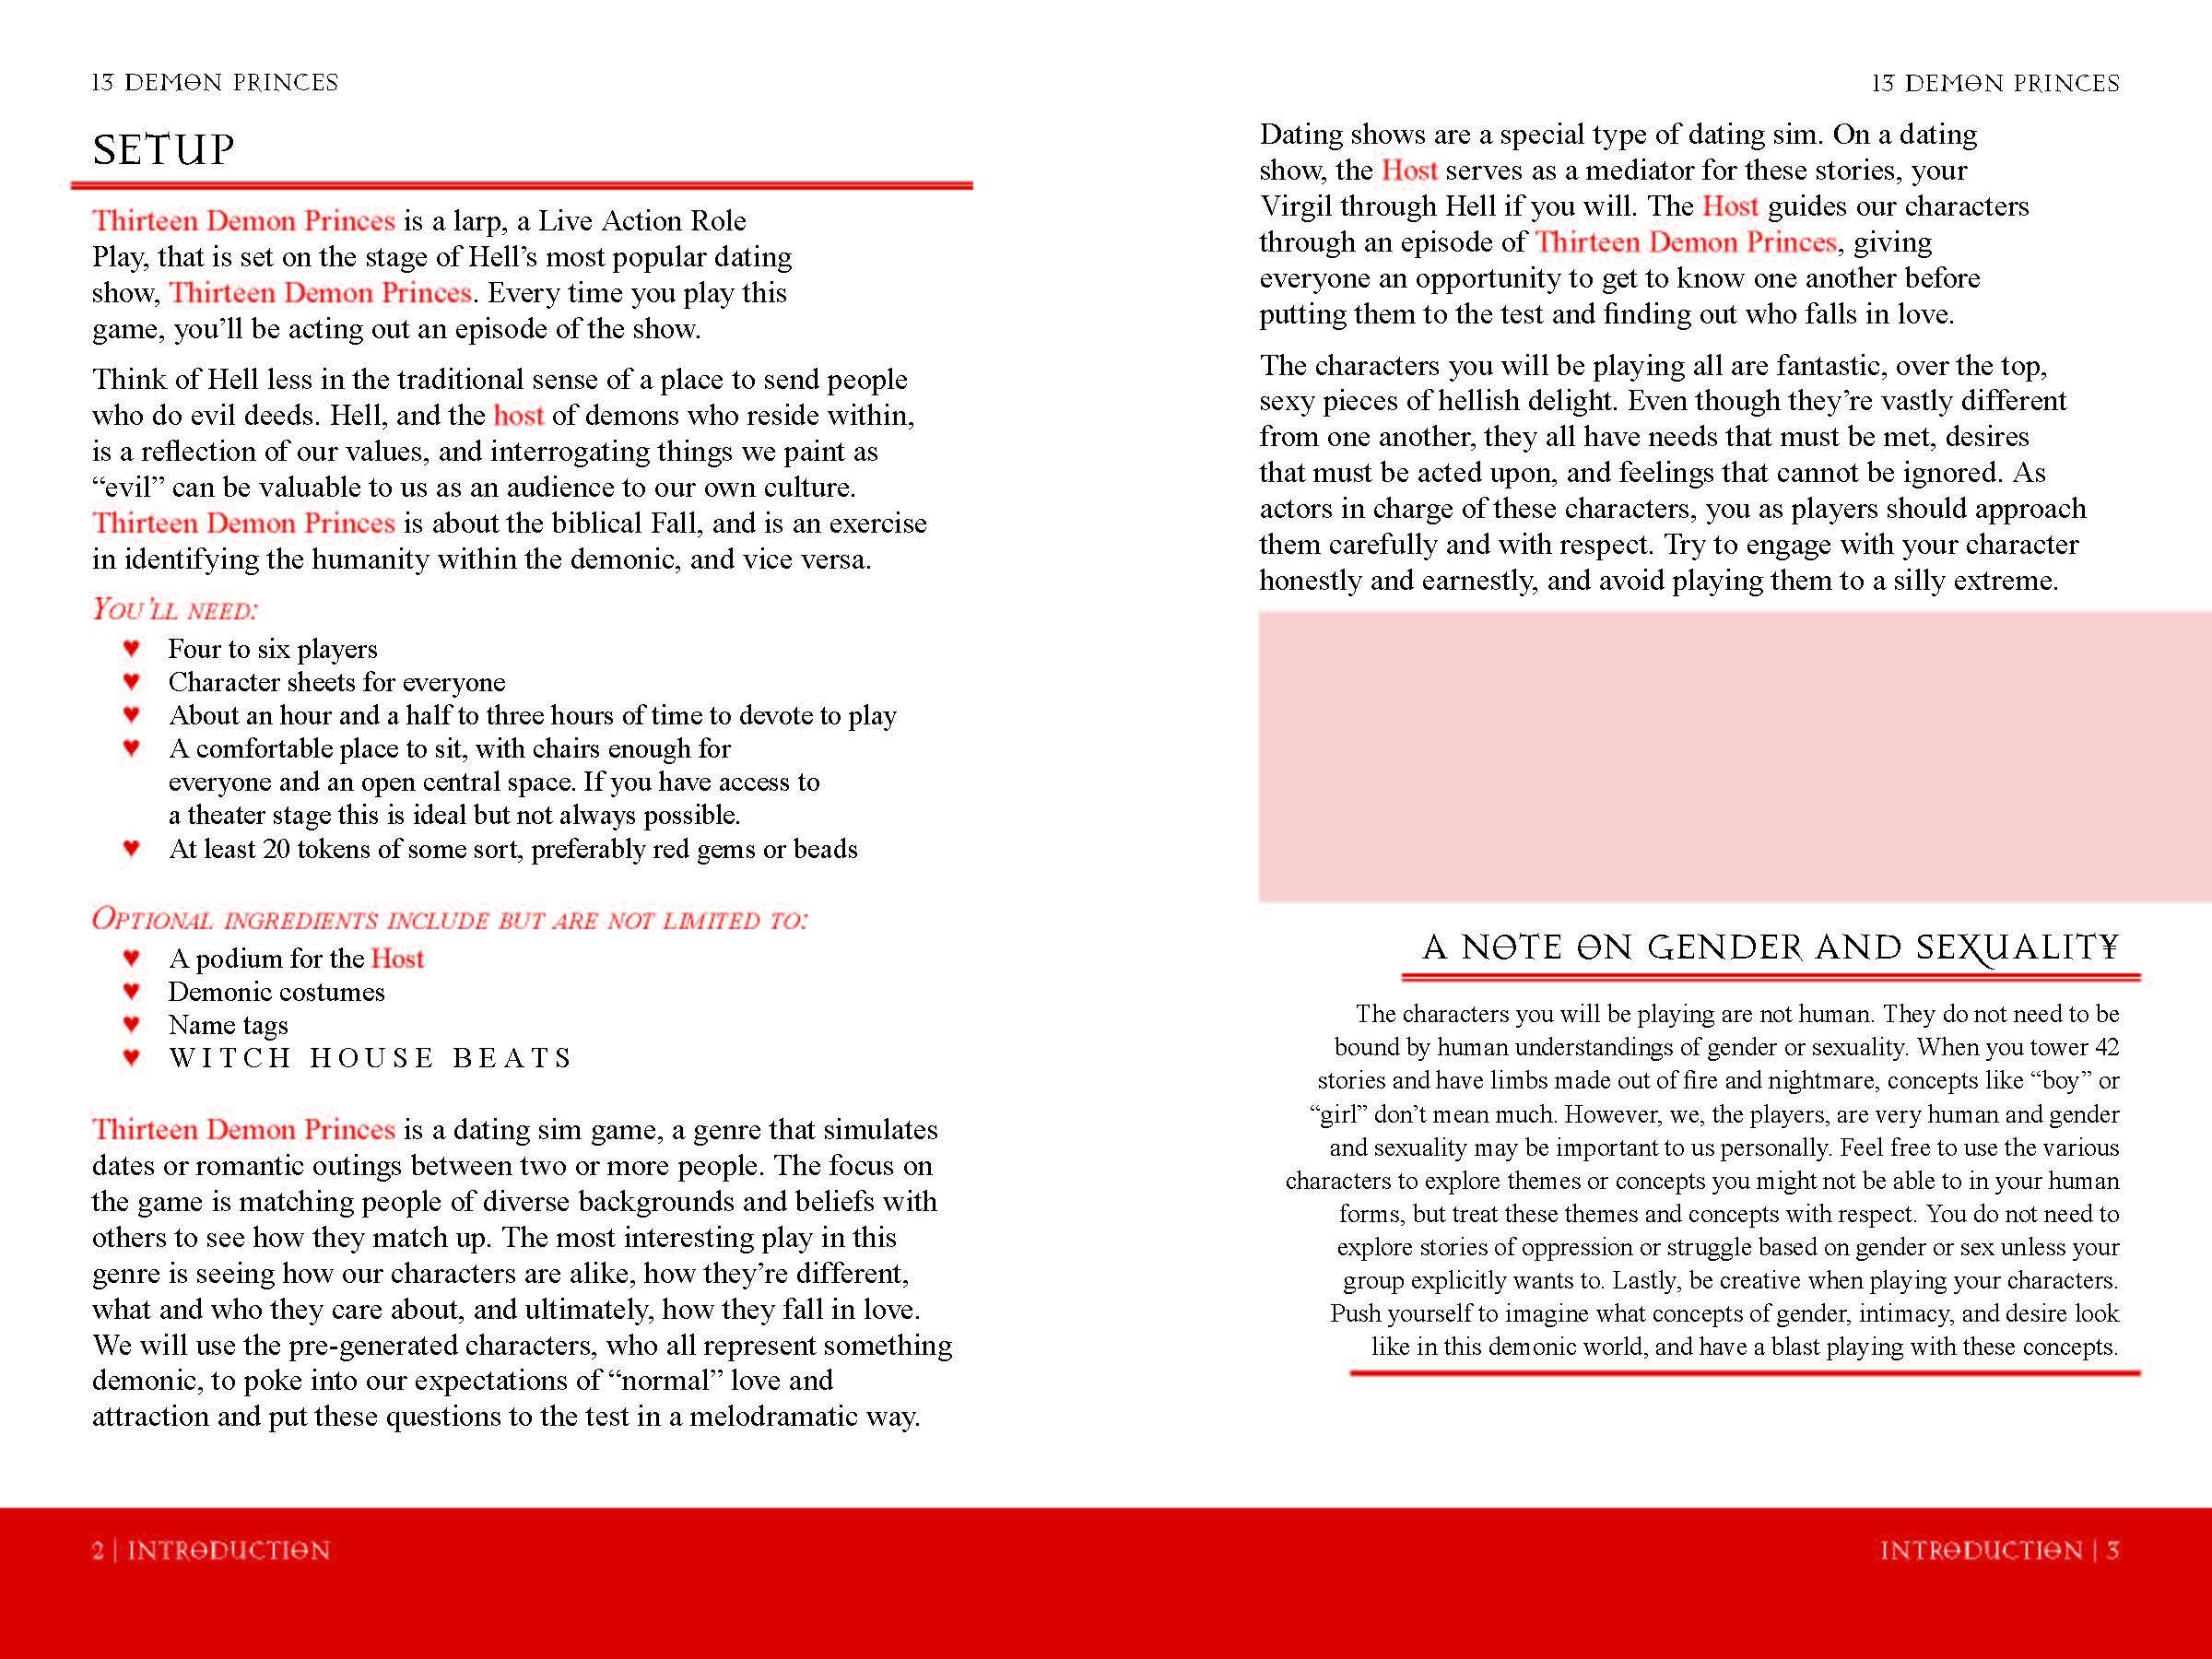 13DPdraftFeb19pdf_Page_1.jpg